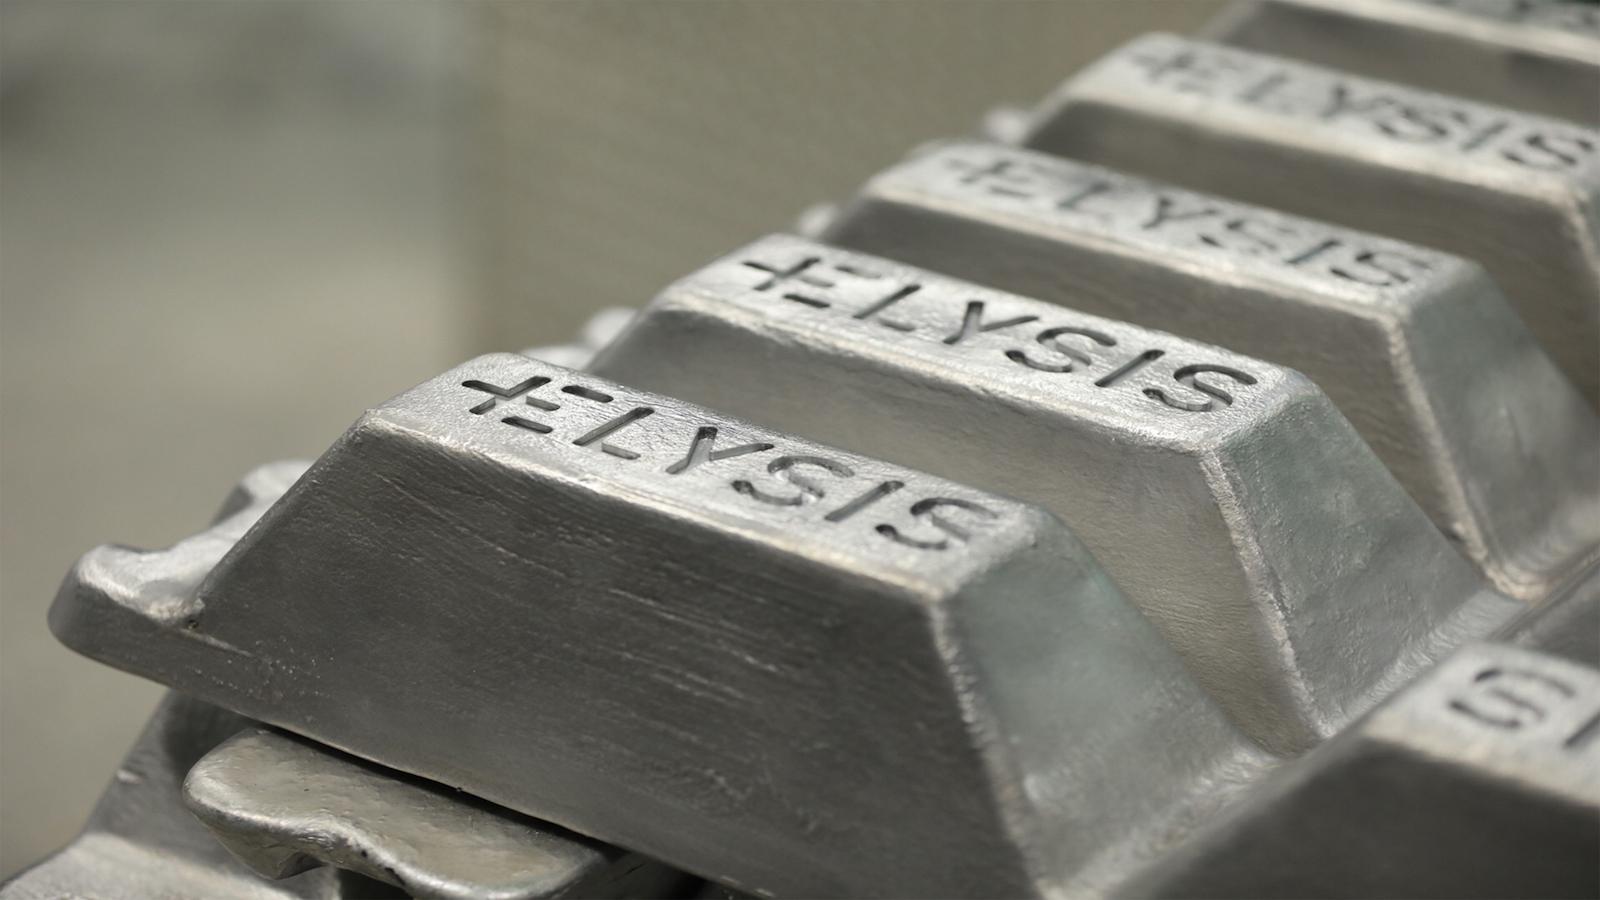 Elysis aluminum